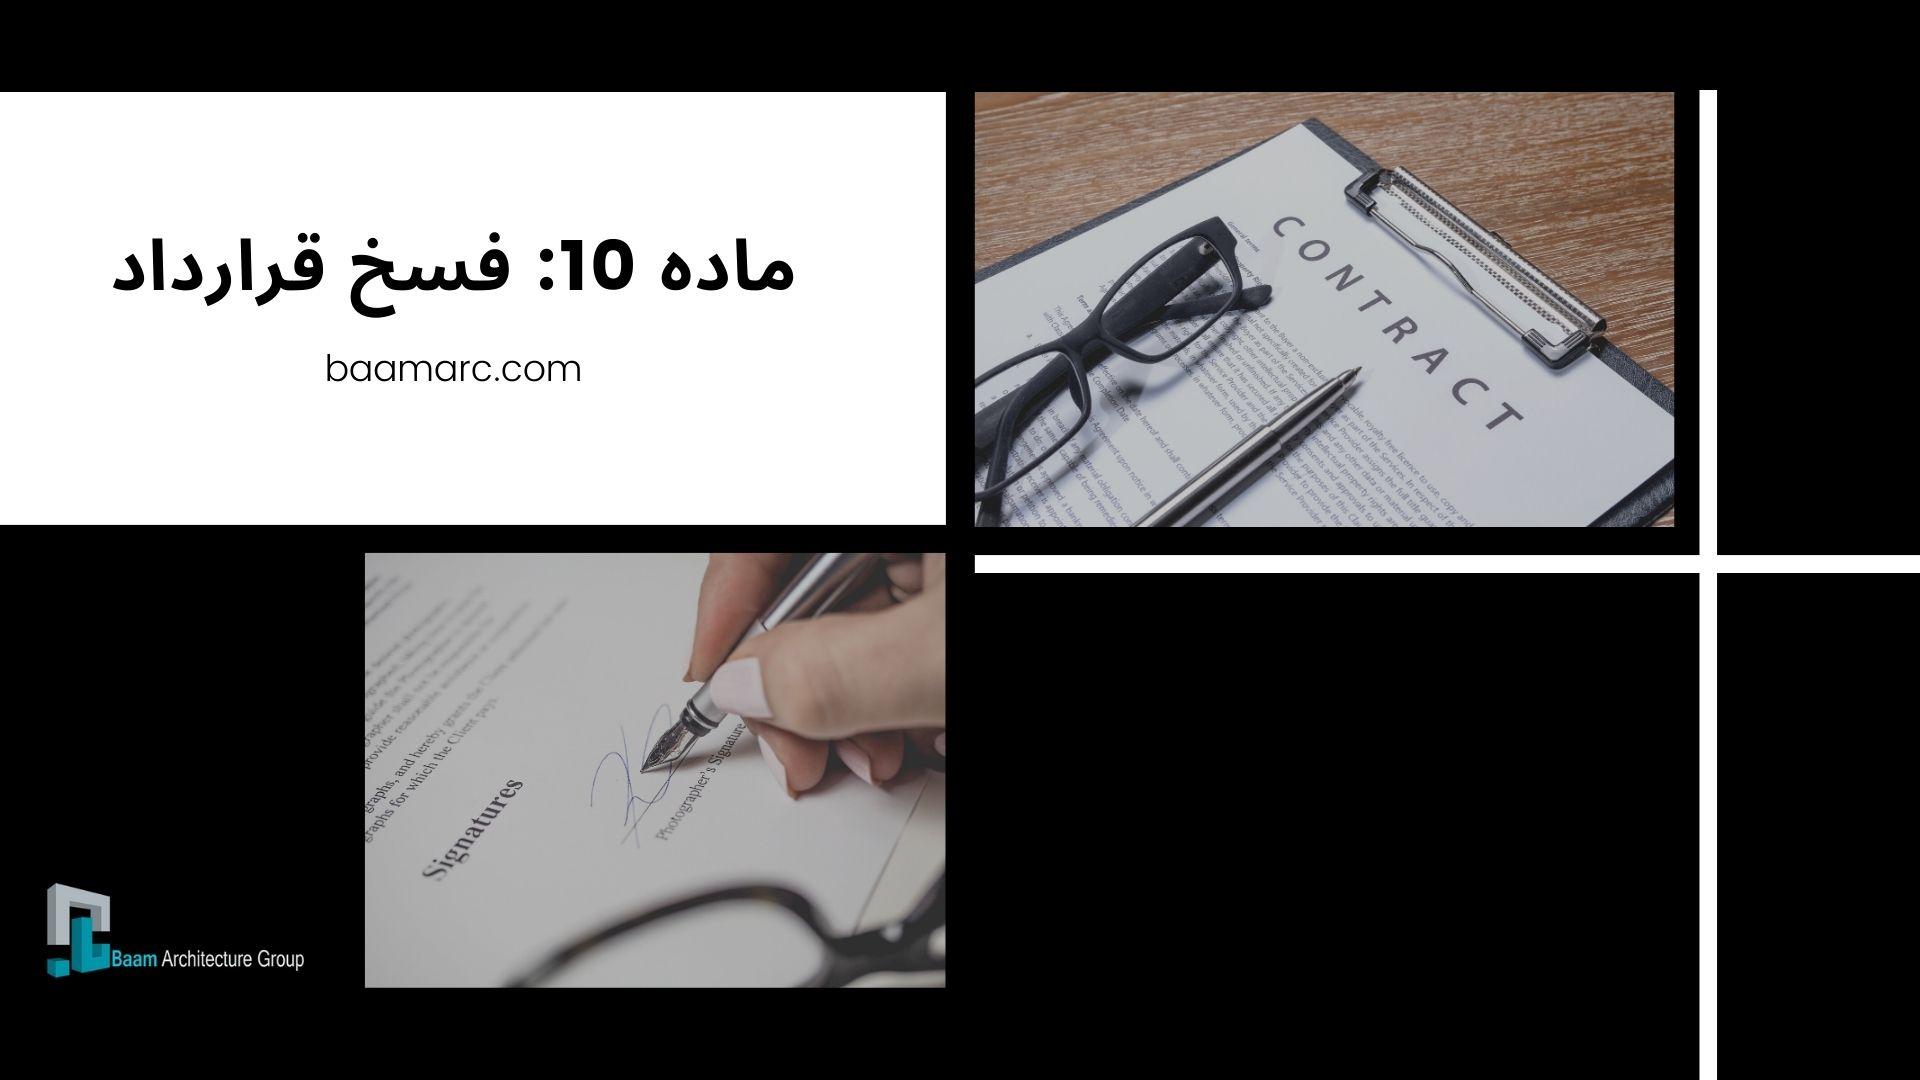 ماده 10: فسخ قرارداد